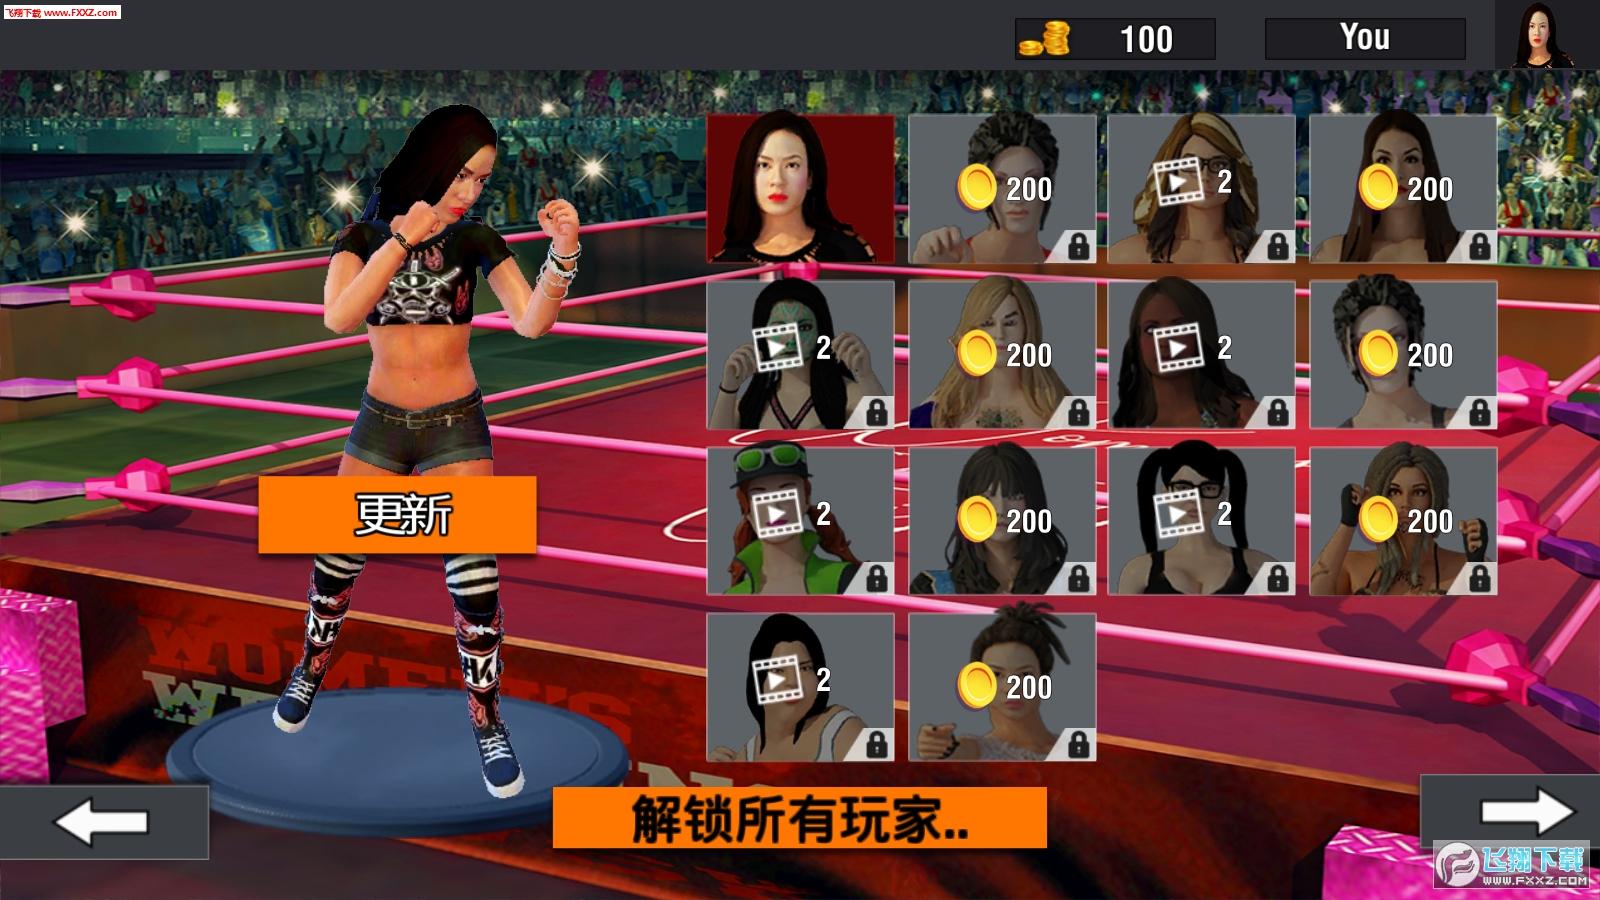 坏女孩摔跤2018中文版截图1